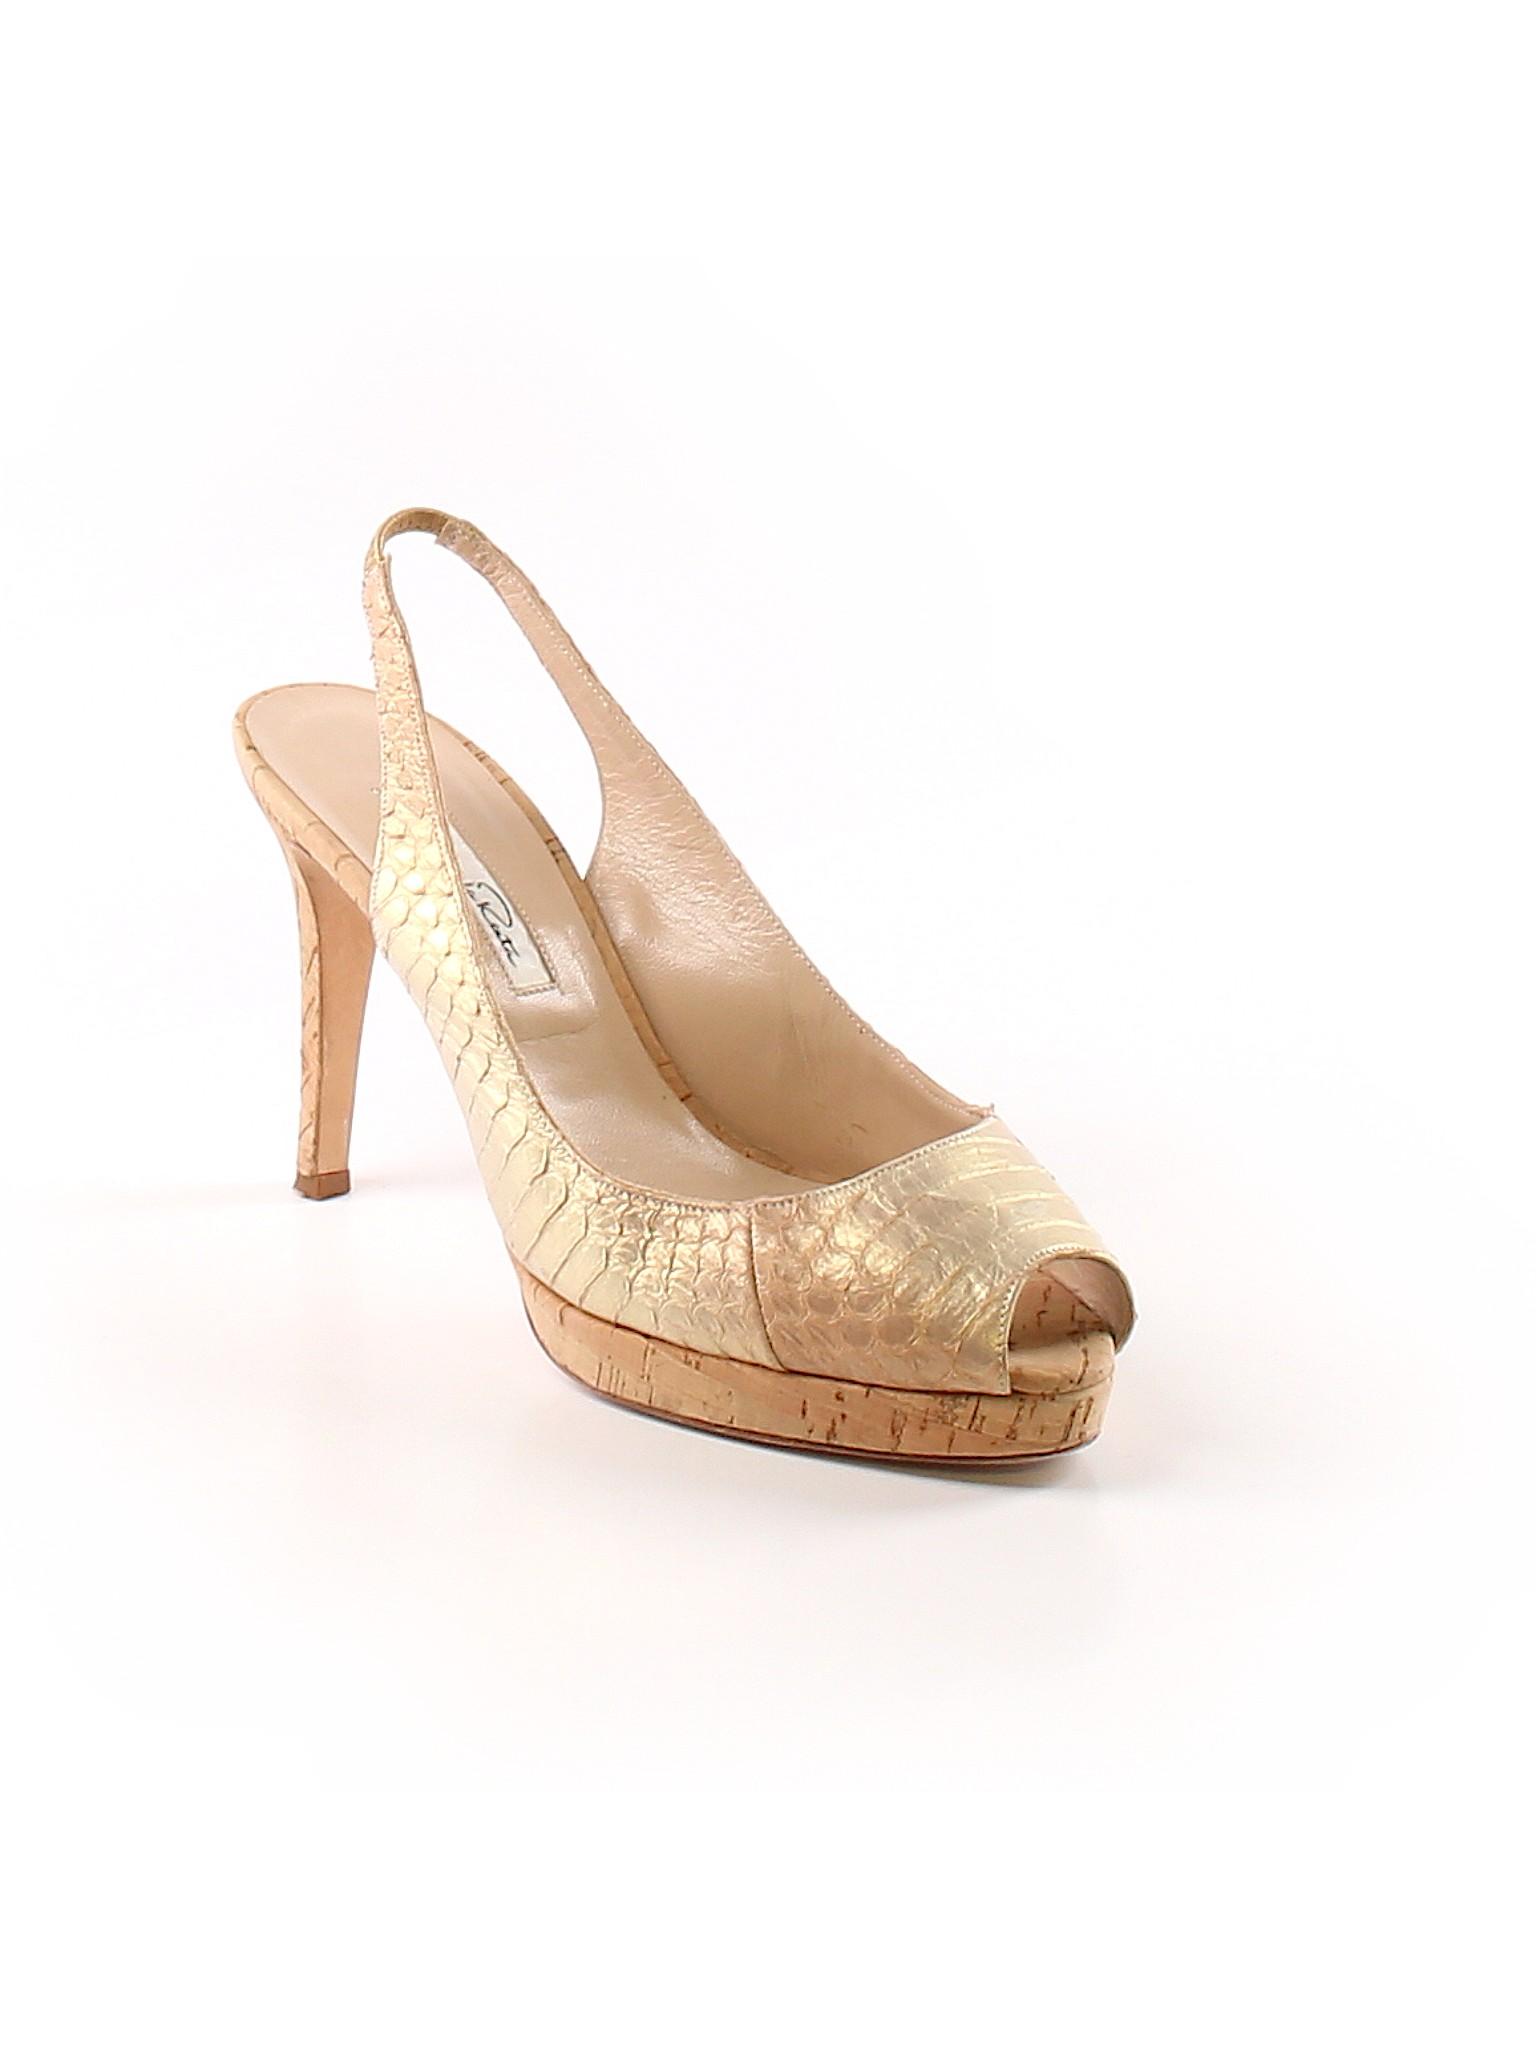 Oscar Renta La Boutique promotion De Heels 5pxzqUqw